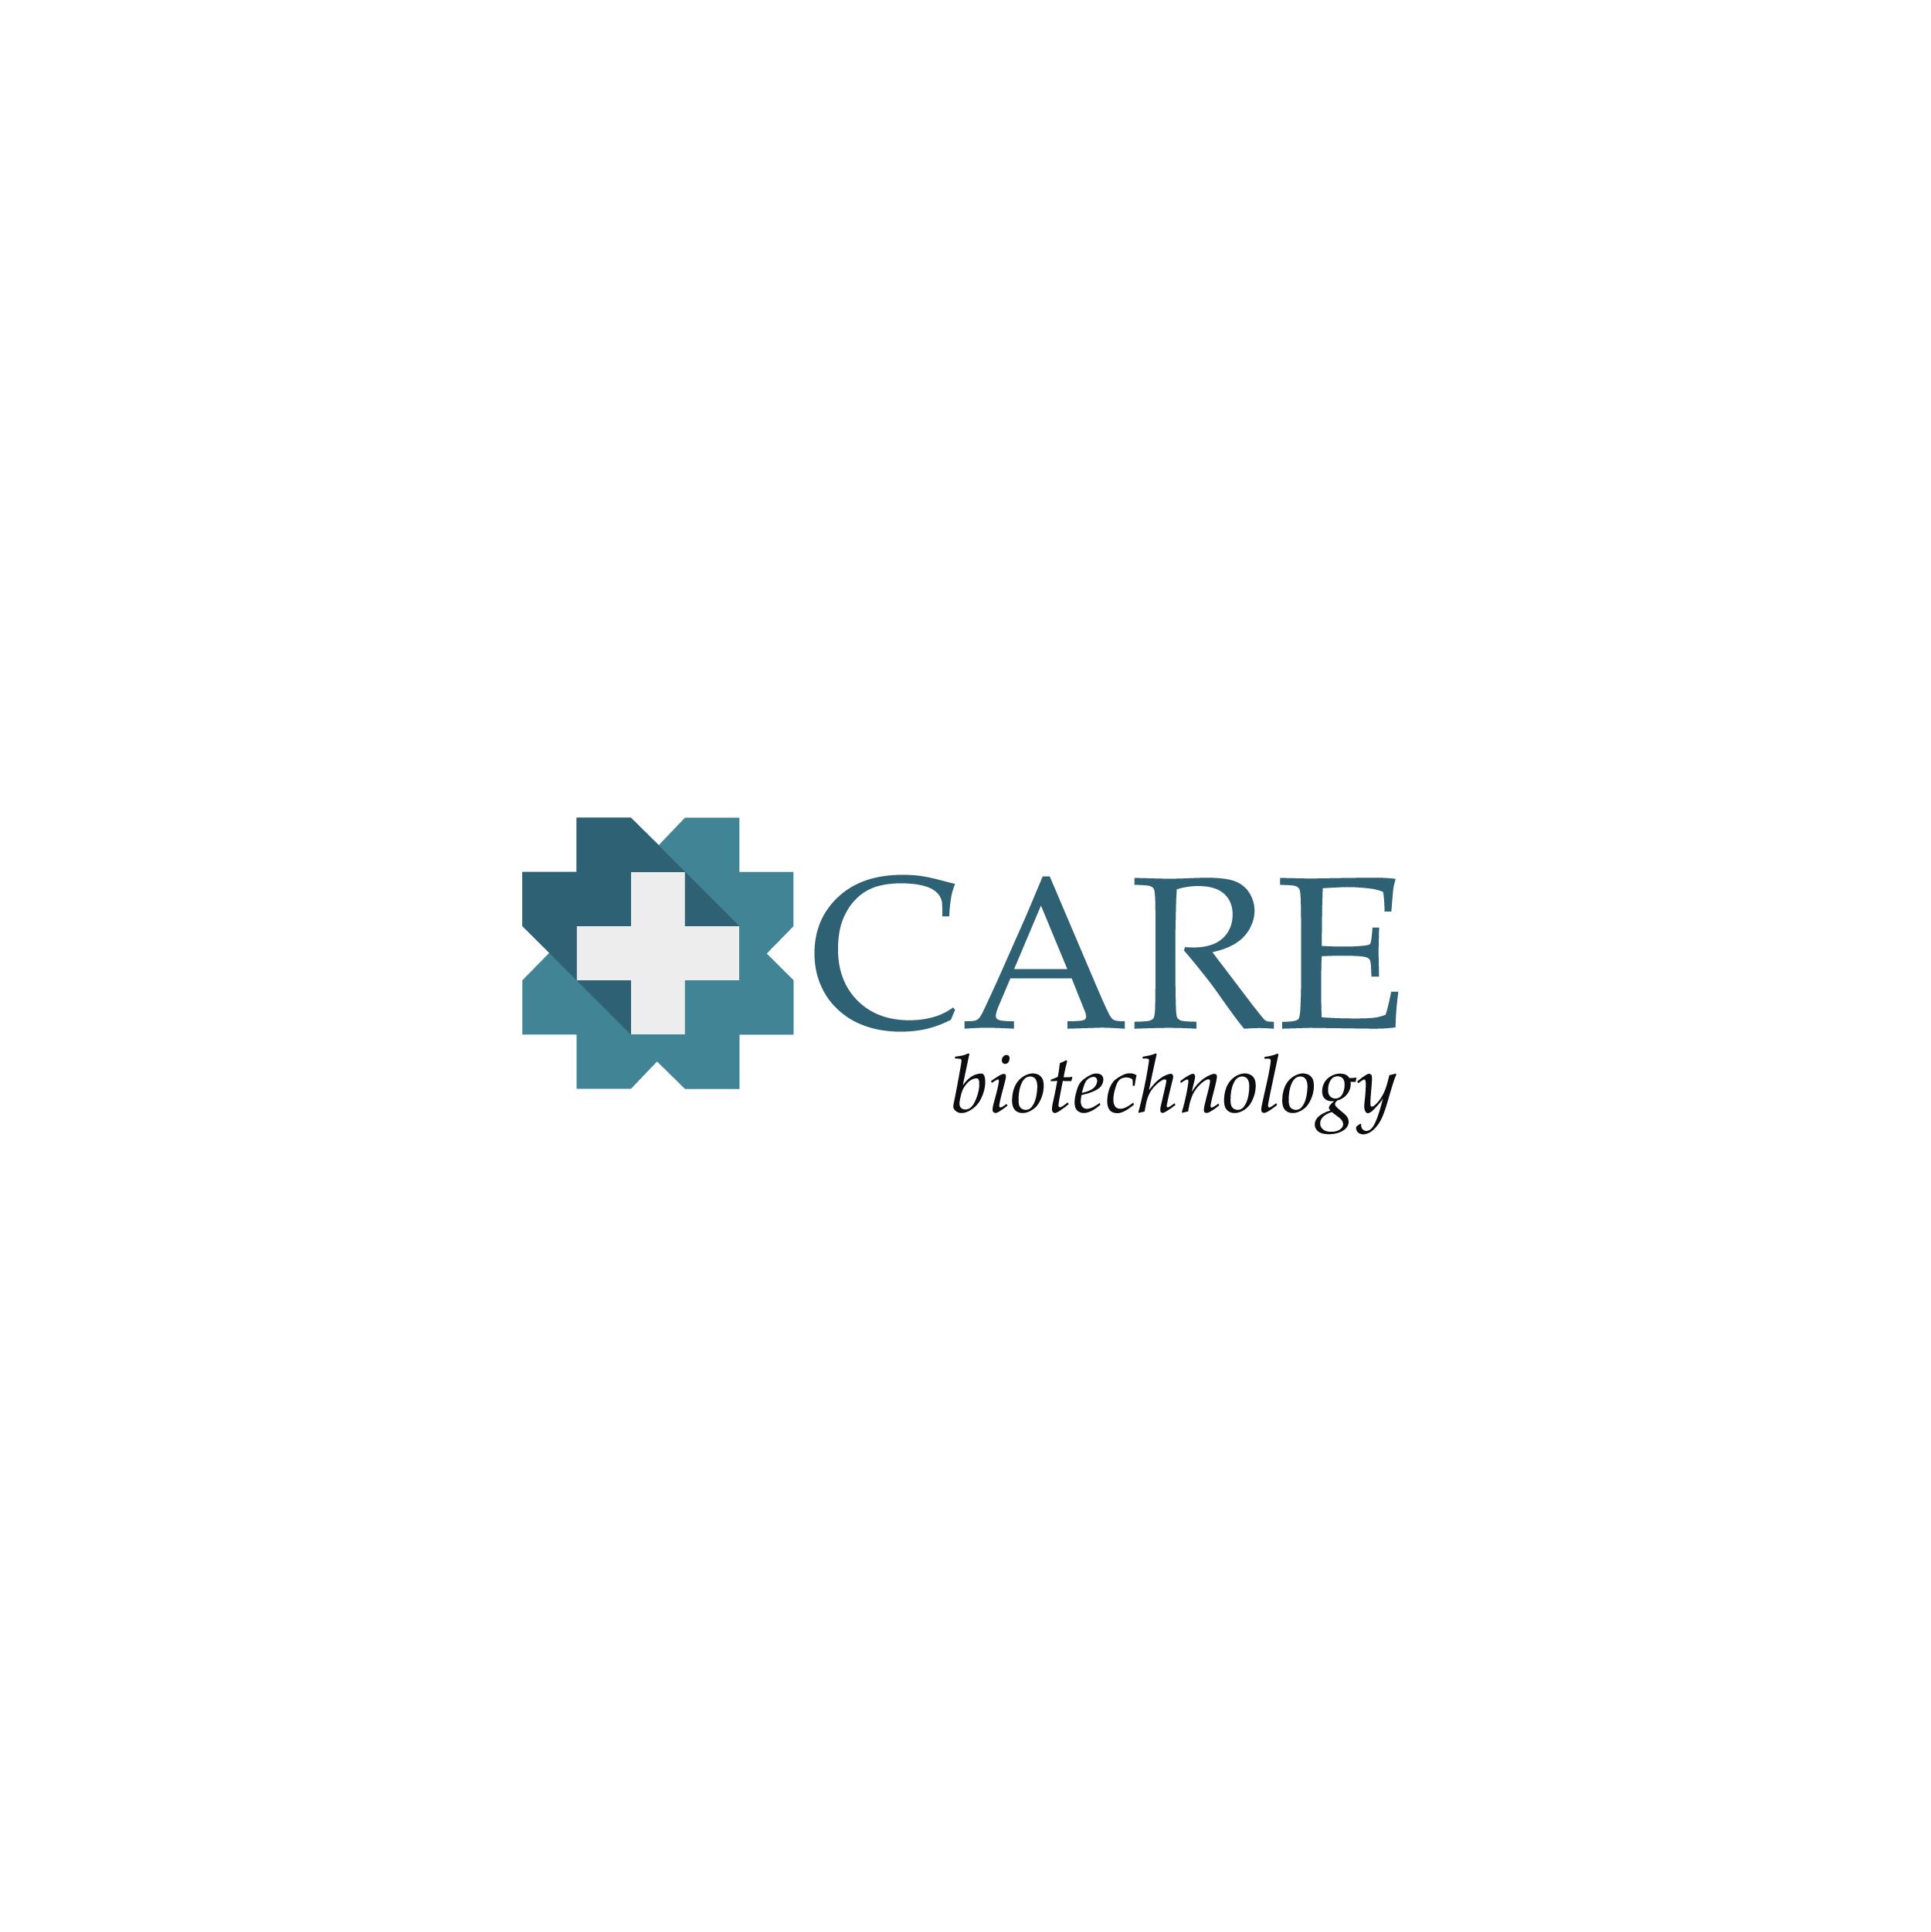 LogoFolio - Care Biotechnology-01